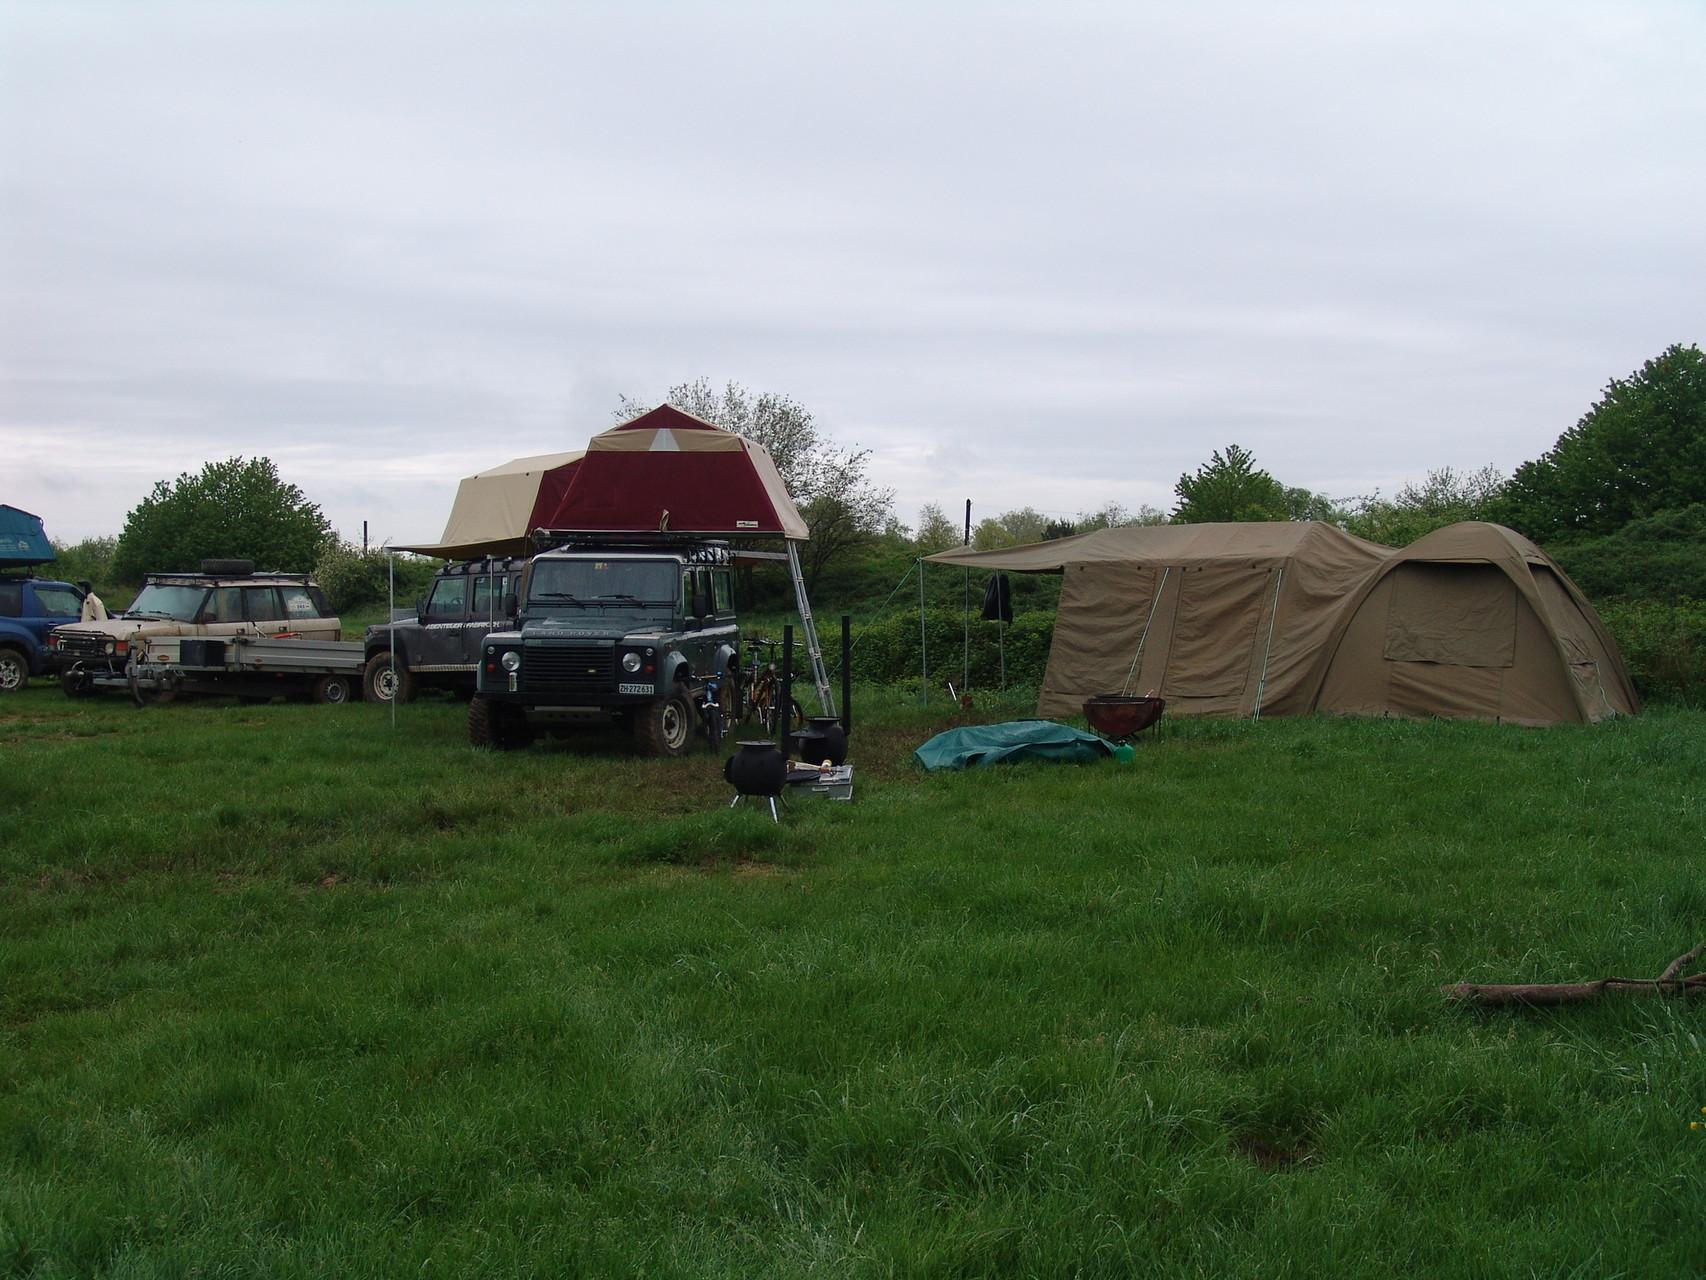 Abenteuer-Fabrik Camp, 1 mai 2015